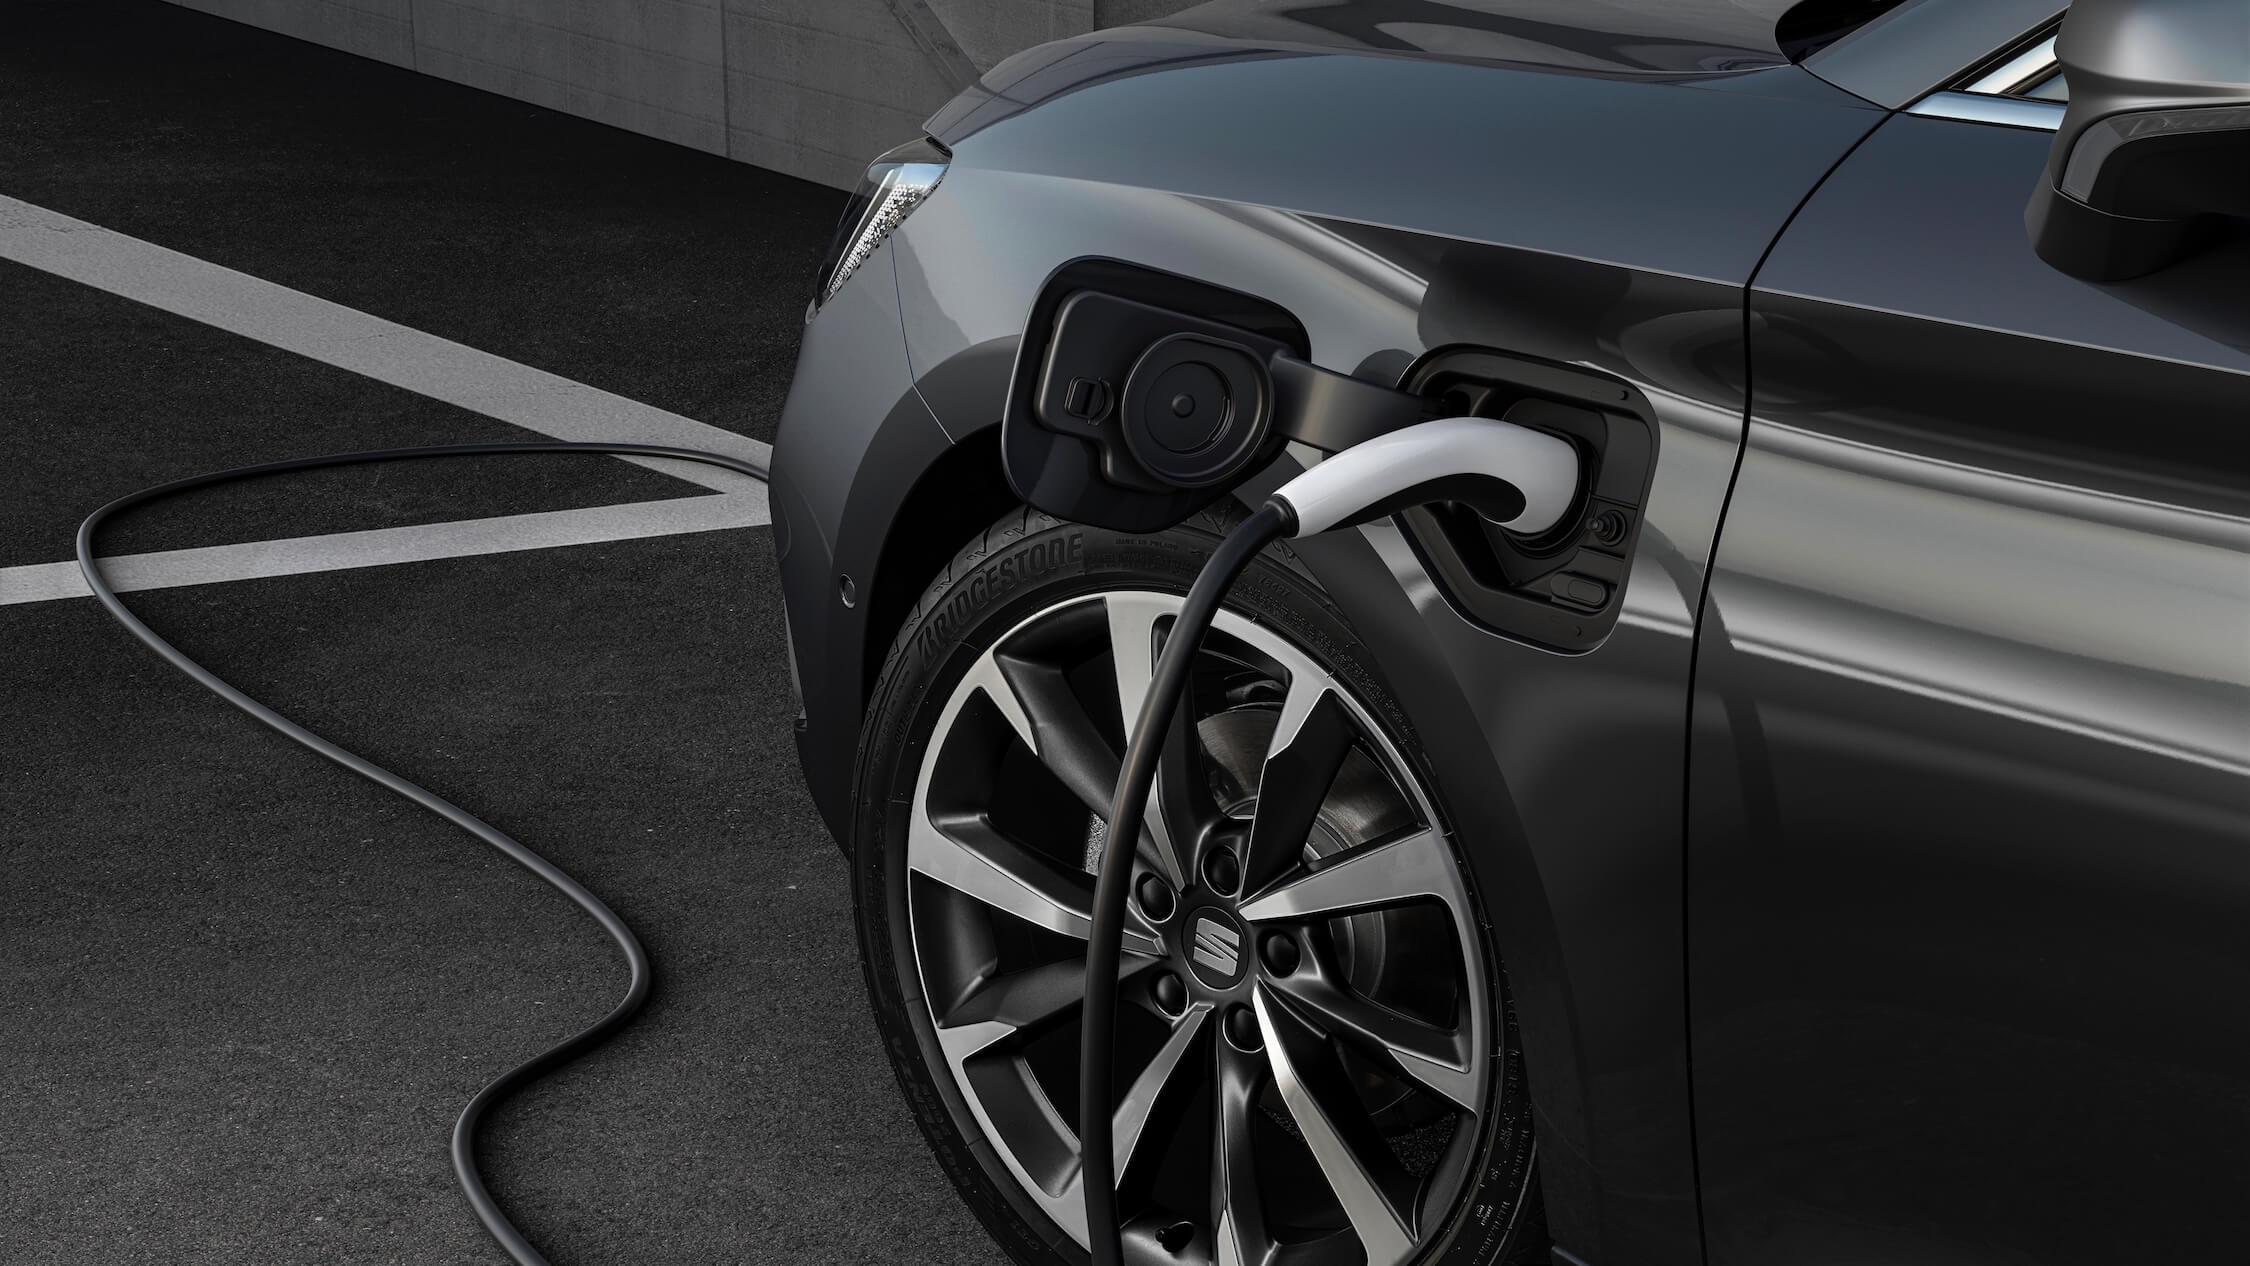 Seat Leon hybride laadstekker